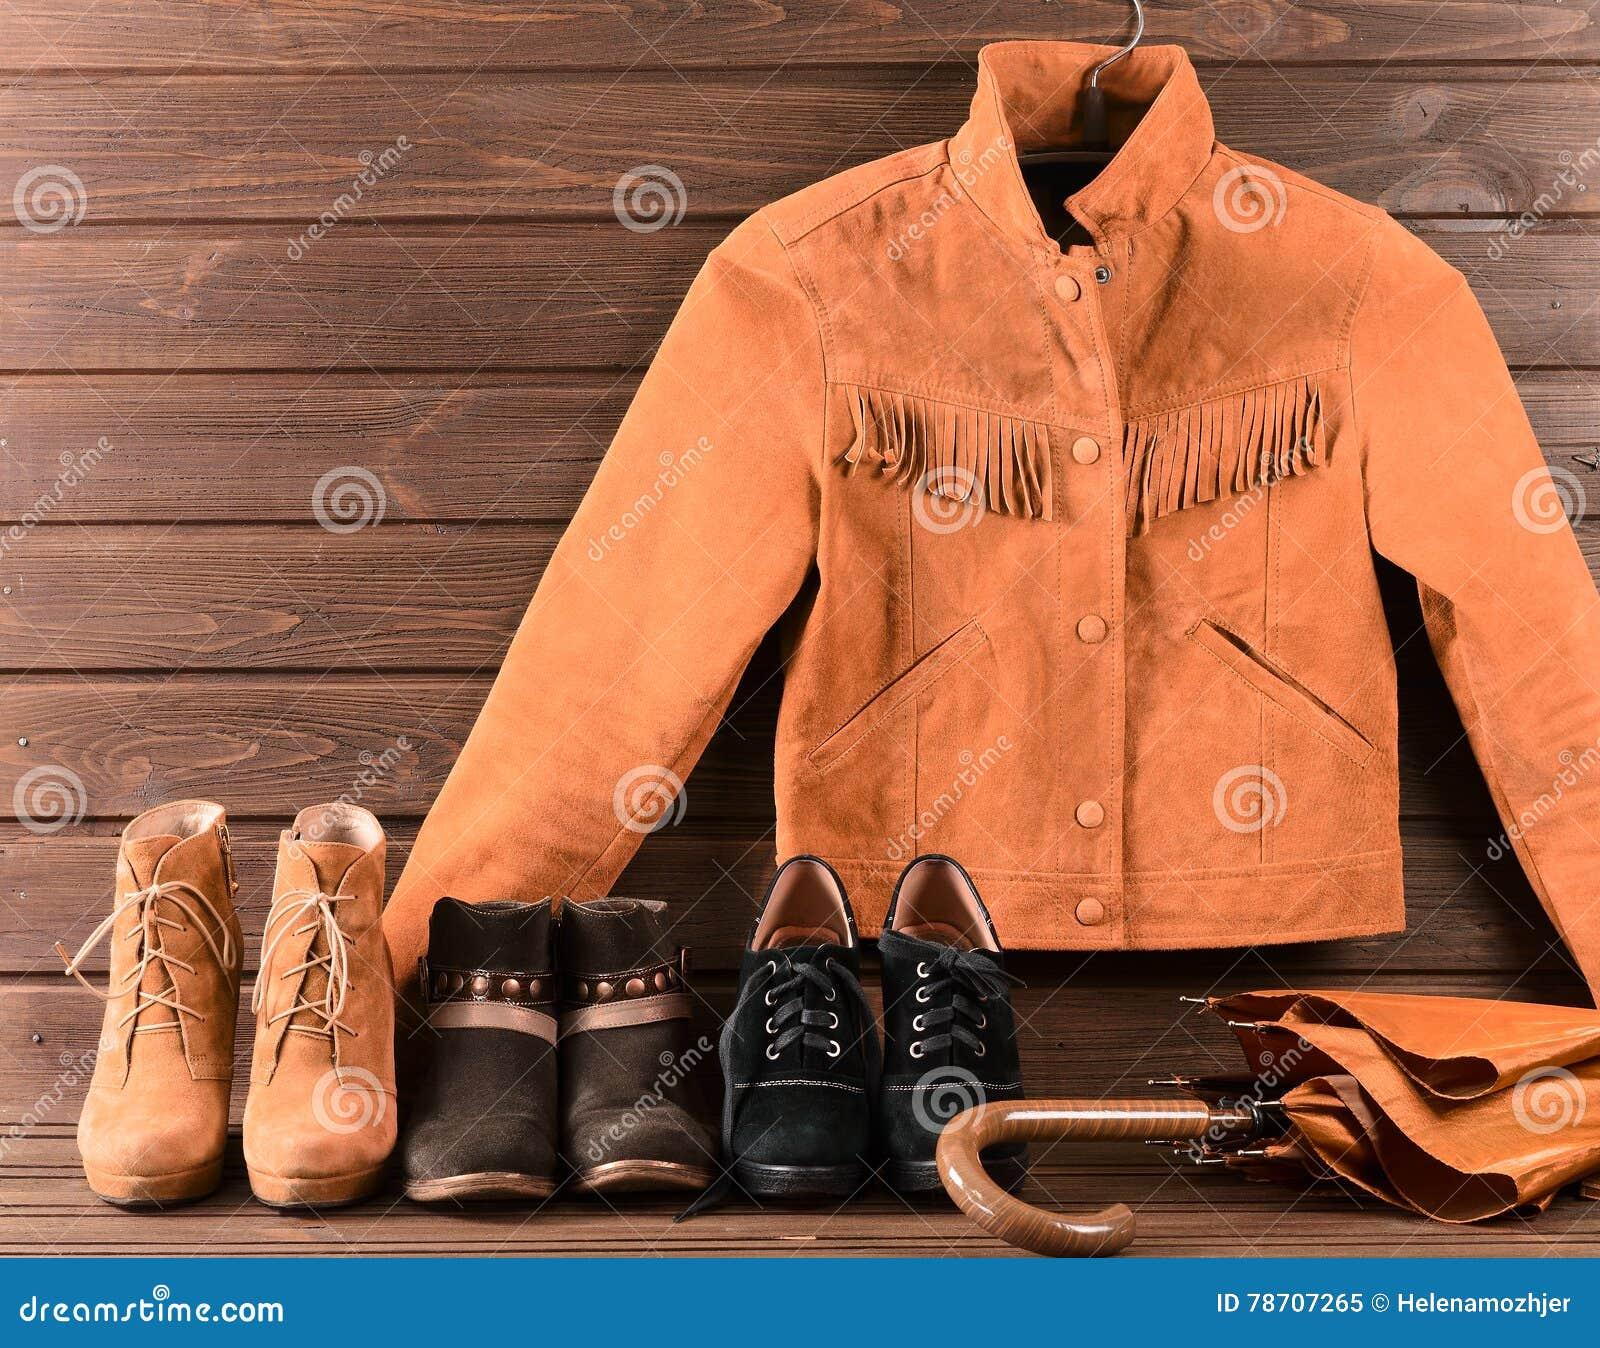 Women& x27 ; habillement et accessoires de s Veste de suède de Brown, trois paires de chaussures différentes et parapluie